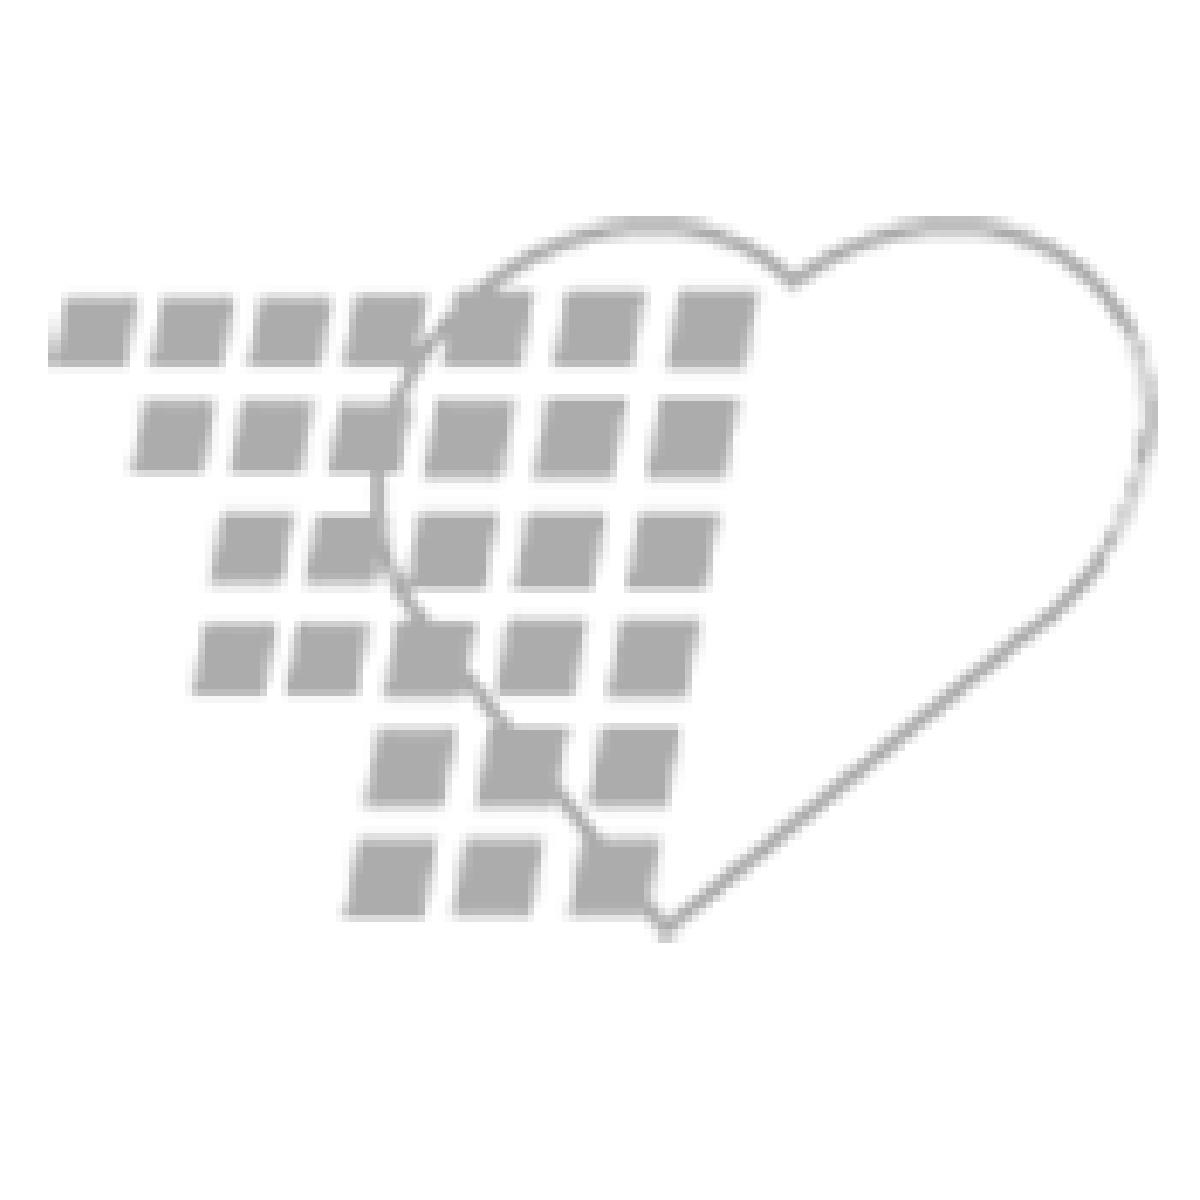 02-19-3869 ABO-Rh Set Pooled Human Antisera - 5mL